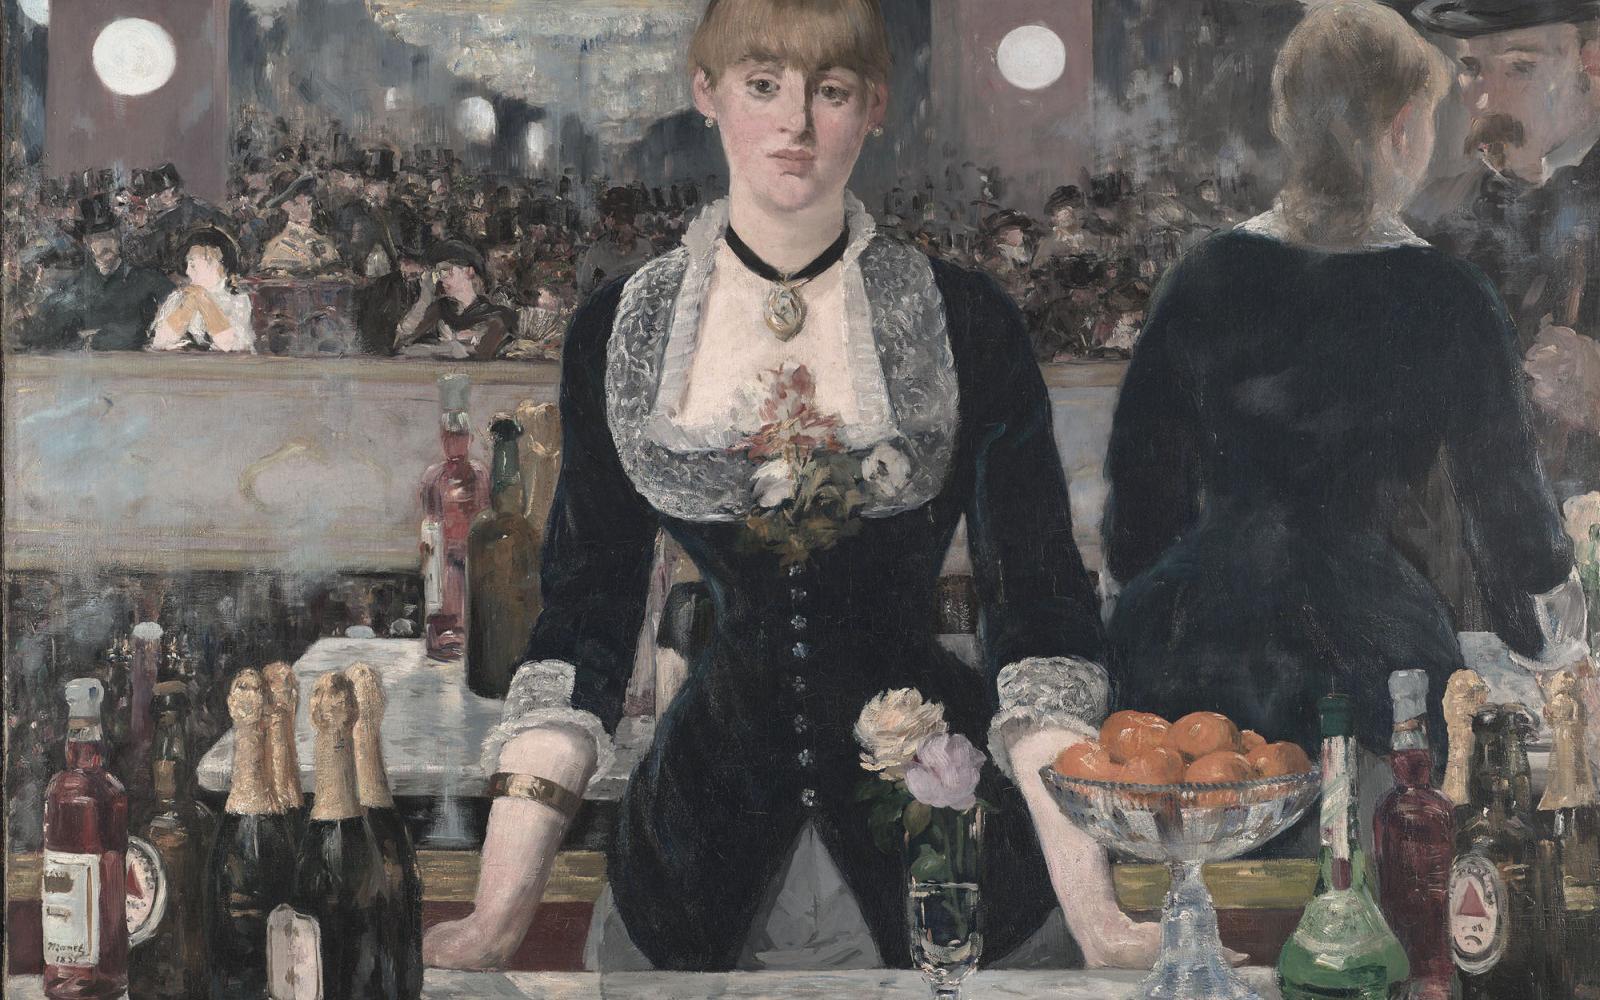 """""""Un bar aux Folies Bergère"""" by E. Manet painted in 1882 depicts a scene in the Folies Bergère nightclub in Paris. Source: Wikimedia"""